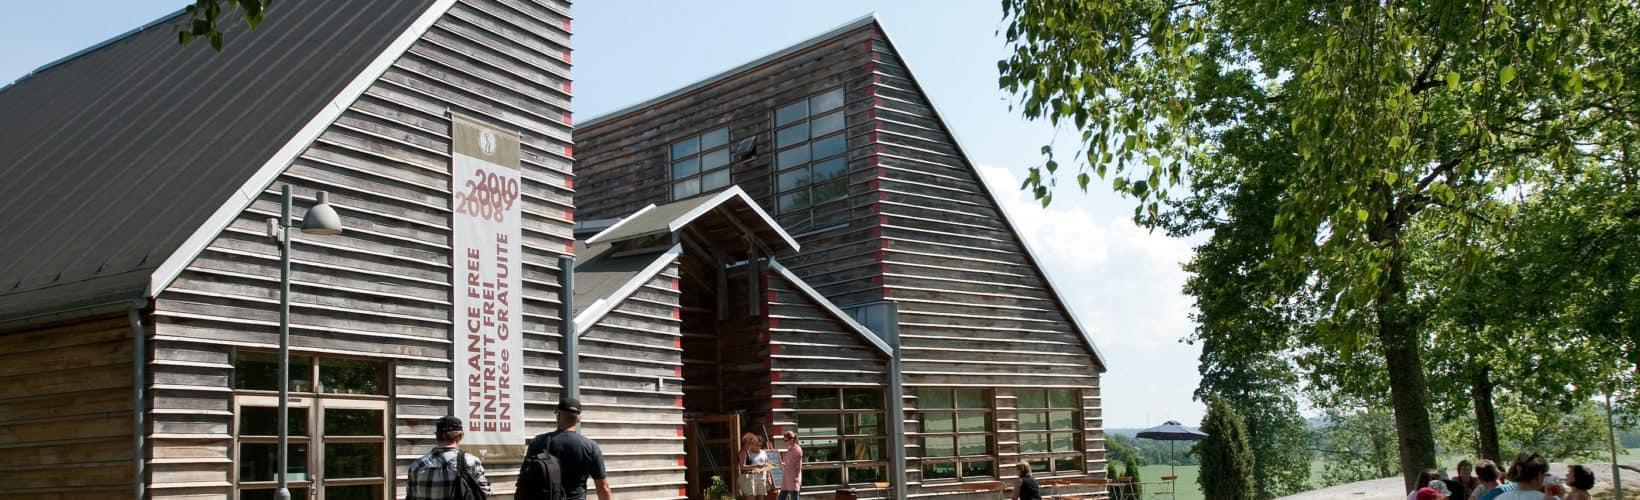 Vitlycke museum & hällristningar